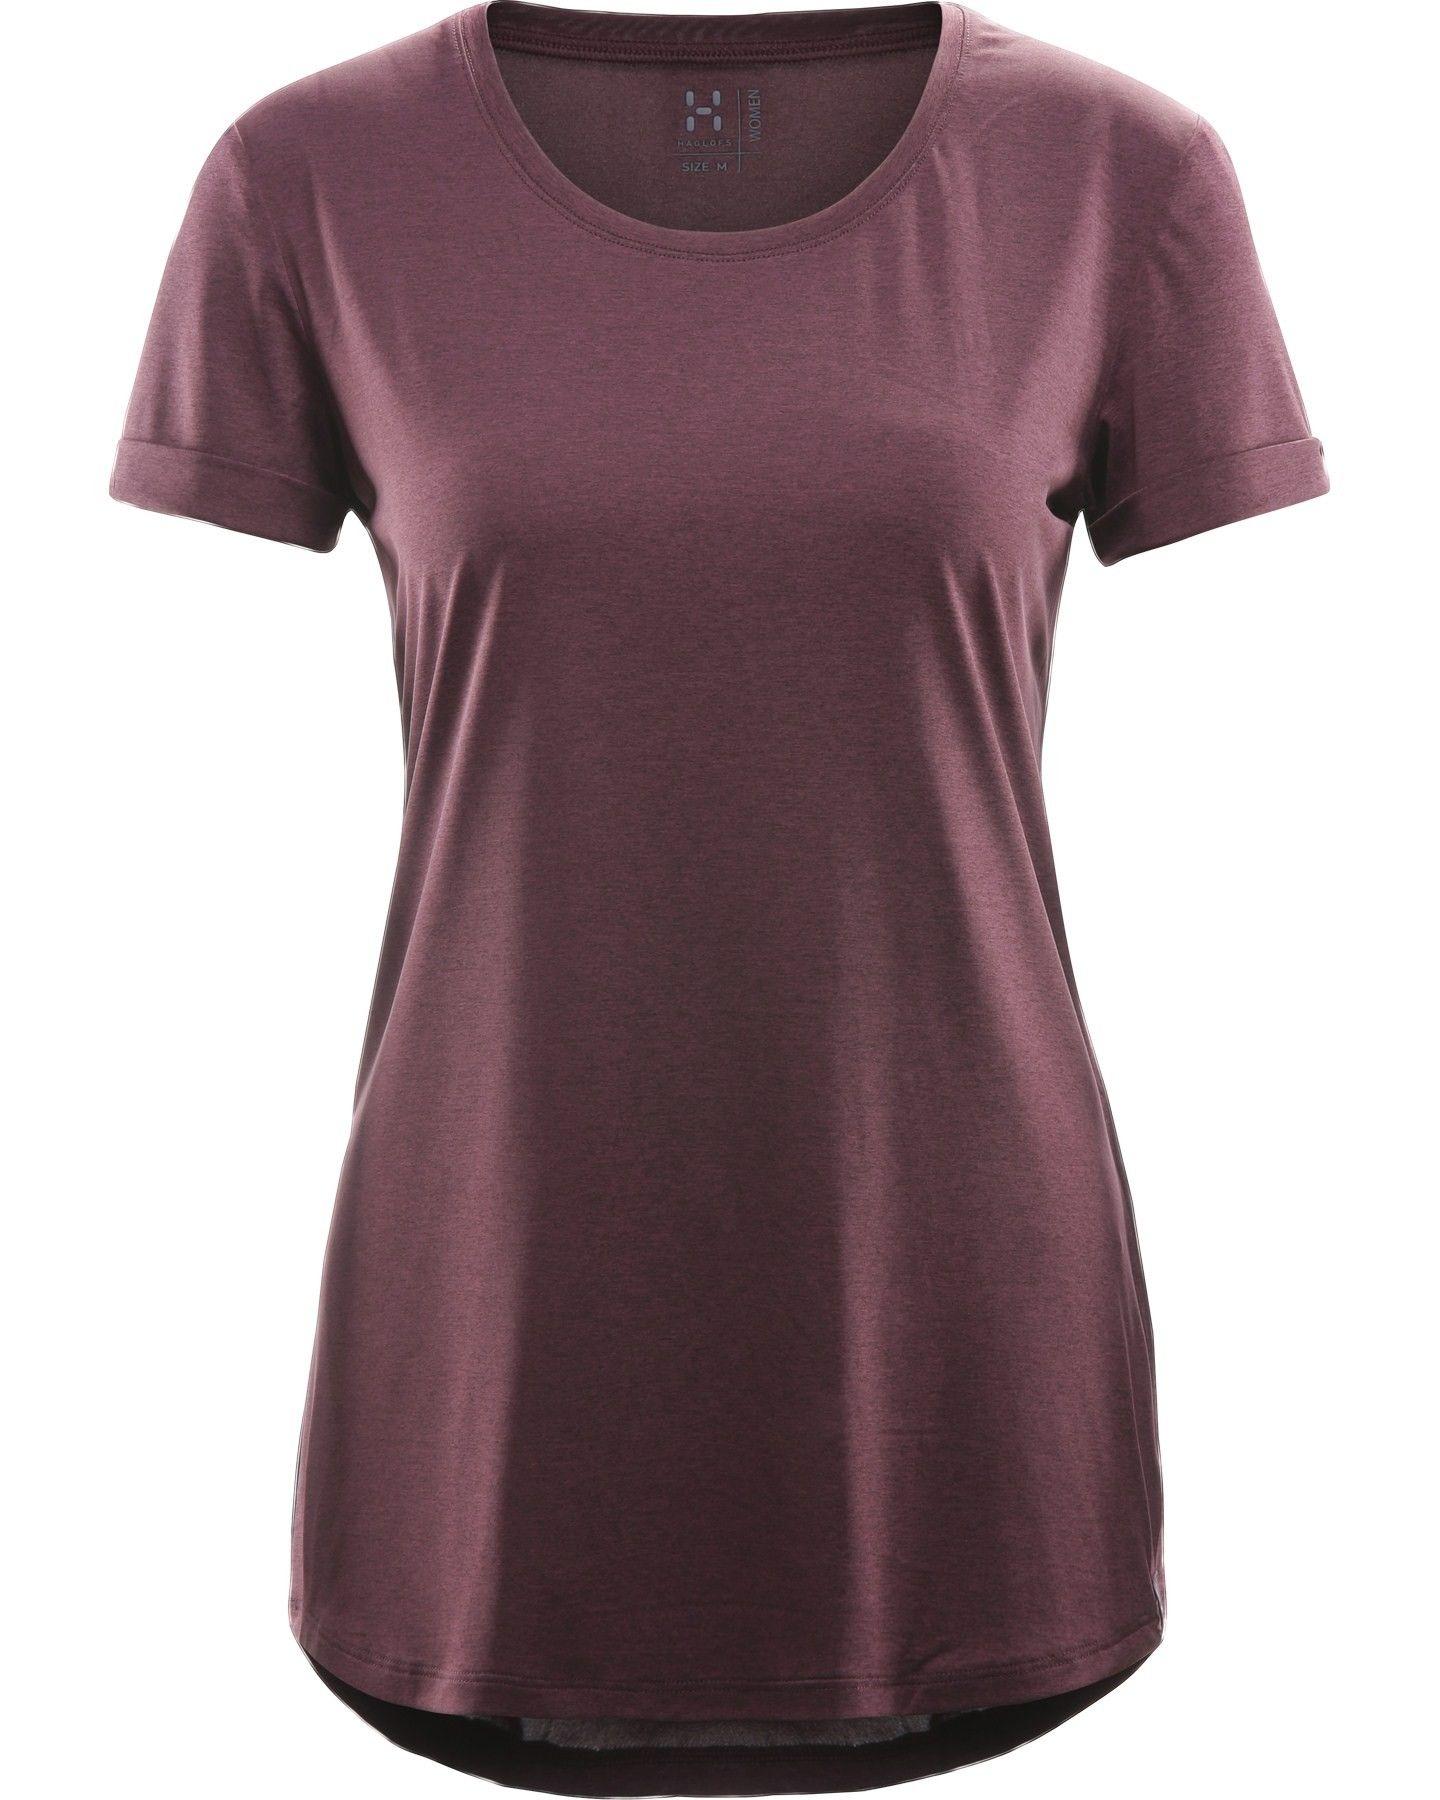 Haglöfs Ridge Hike Tee Lila/Violett, Female Kurzarm-Shirt, XL